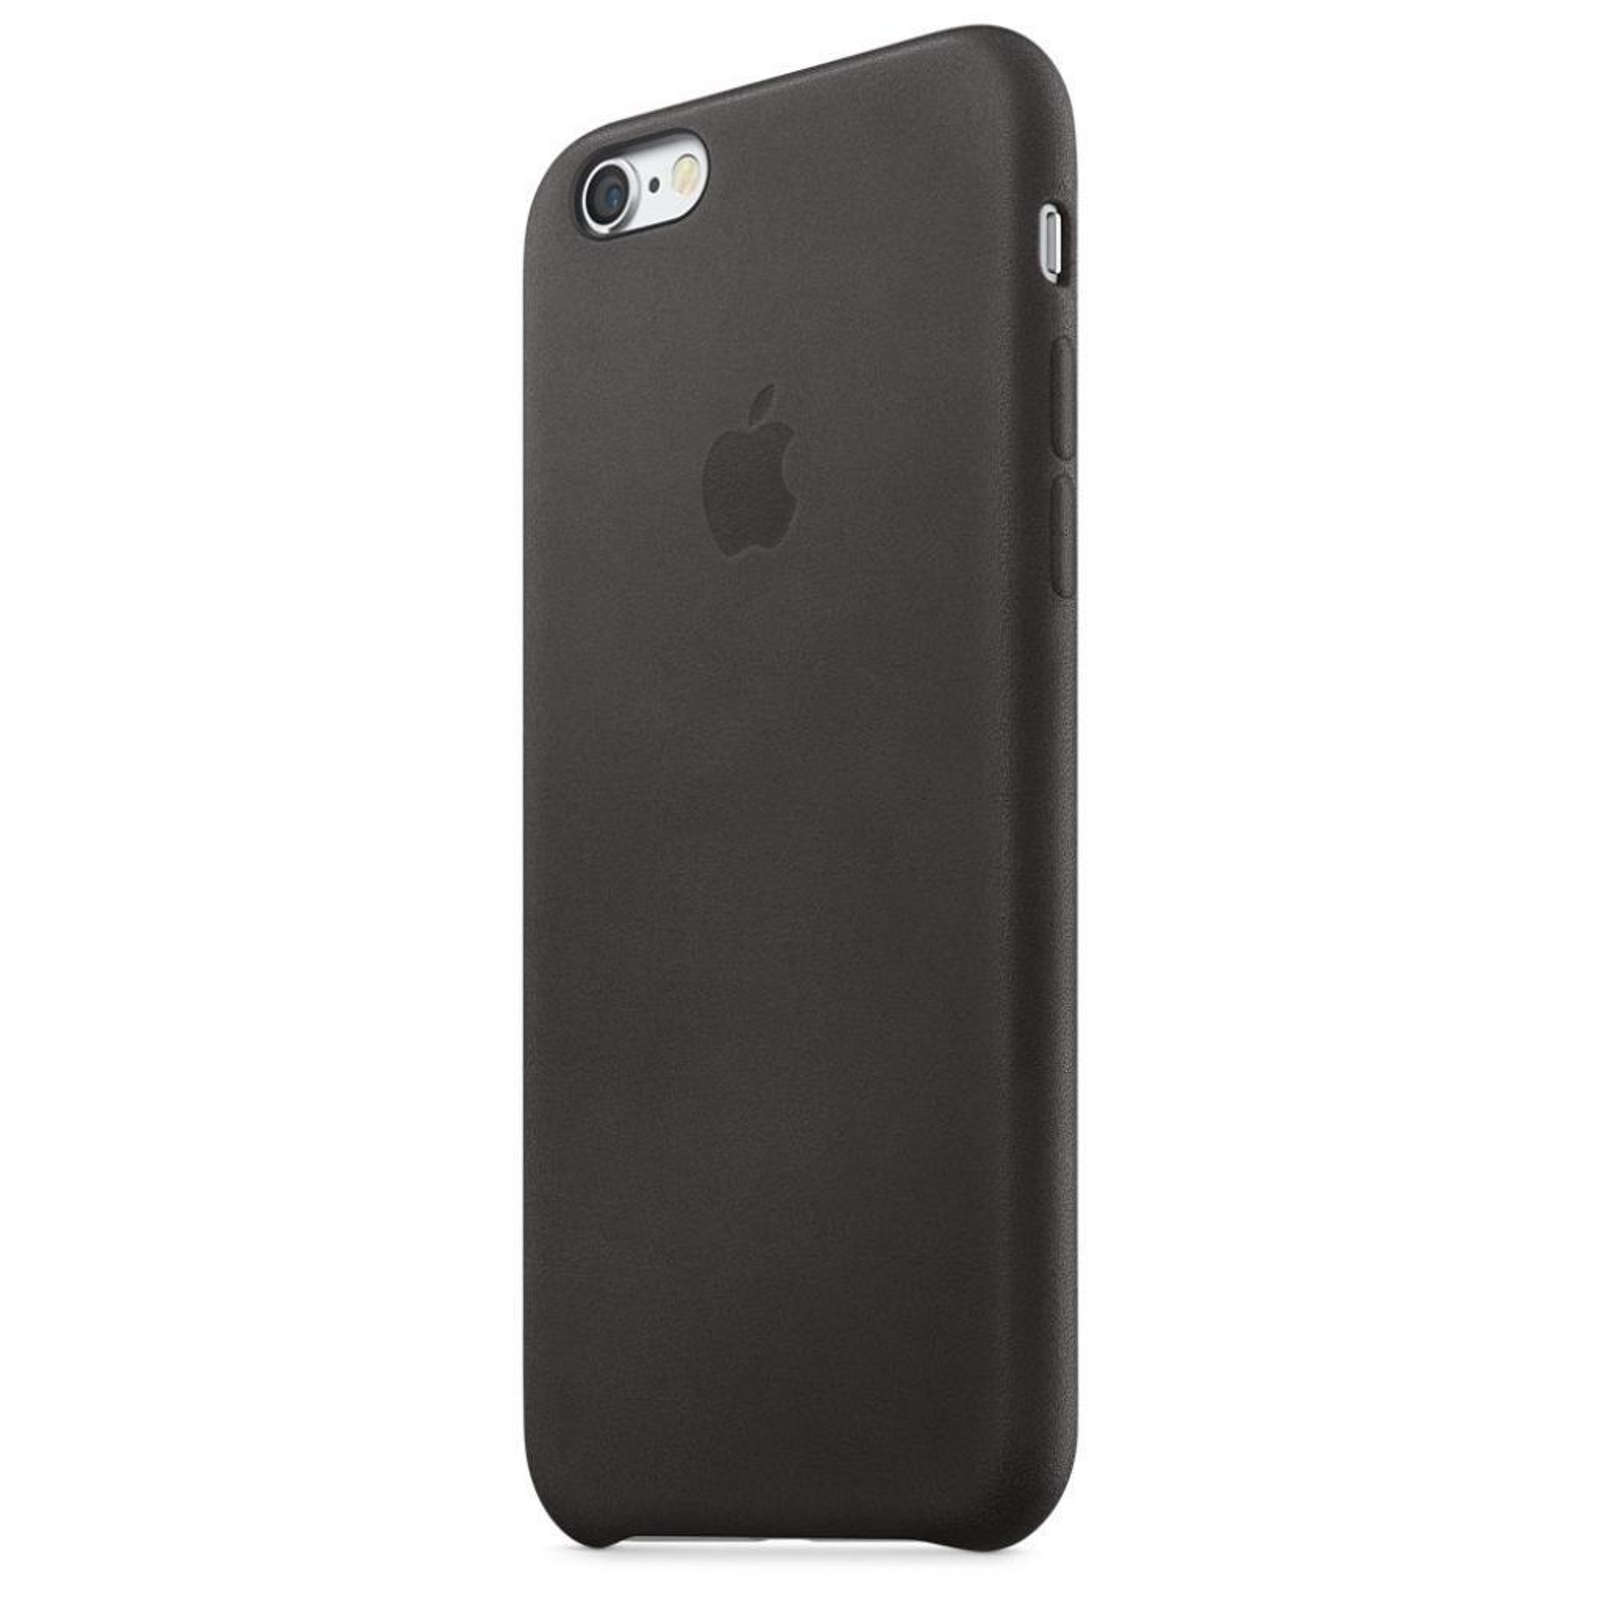 Чехол для моб. телефона Apple для iPhone 6/6s Black (MKXW2ZM/A) изображение 2